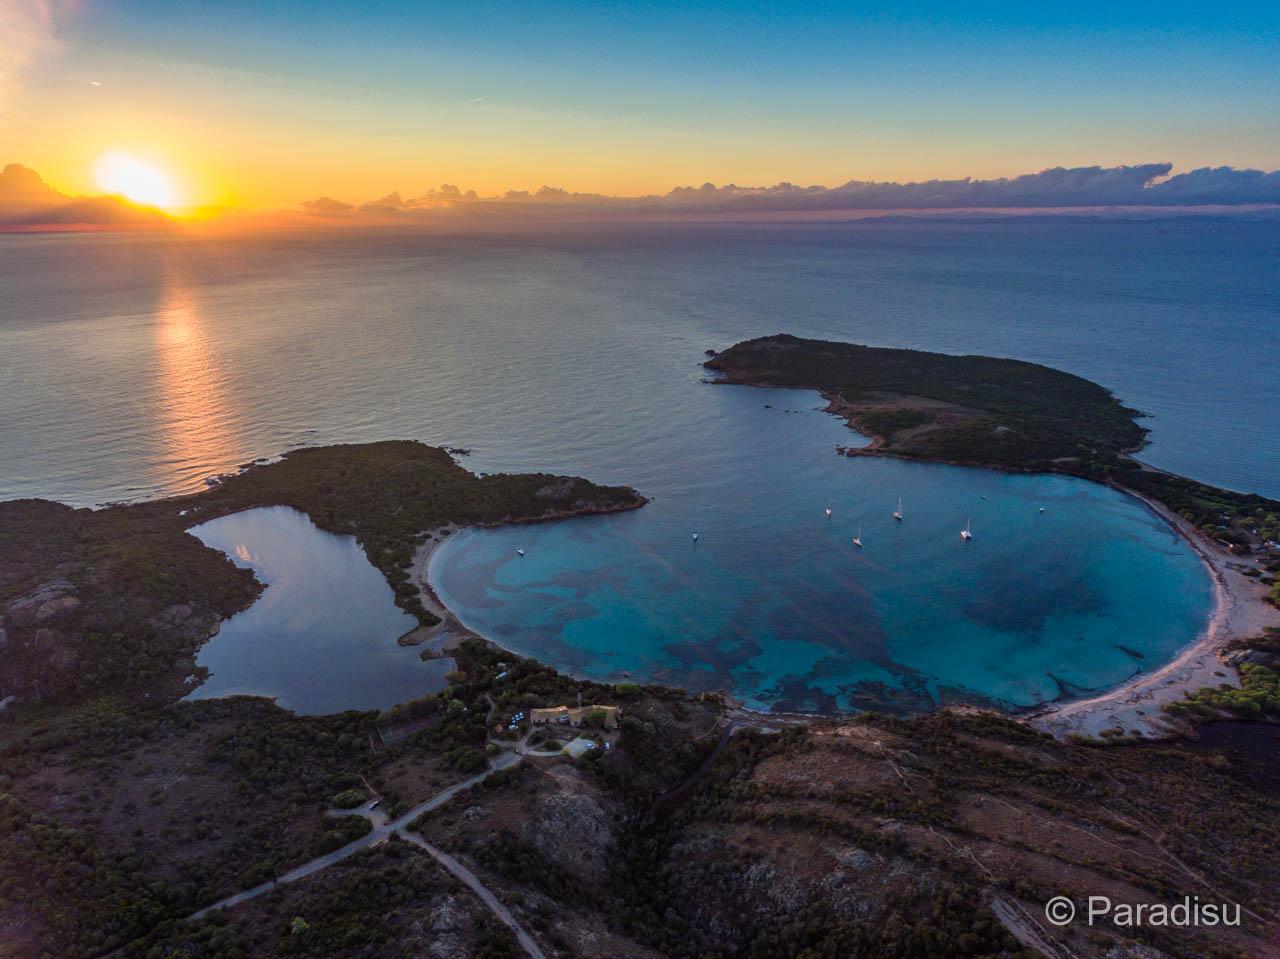 Bucht Von Rondinara Bei Sonnenaufgang